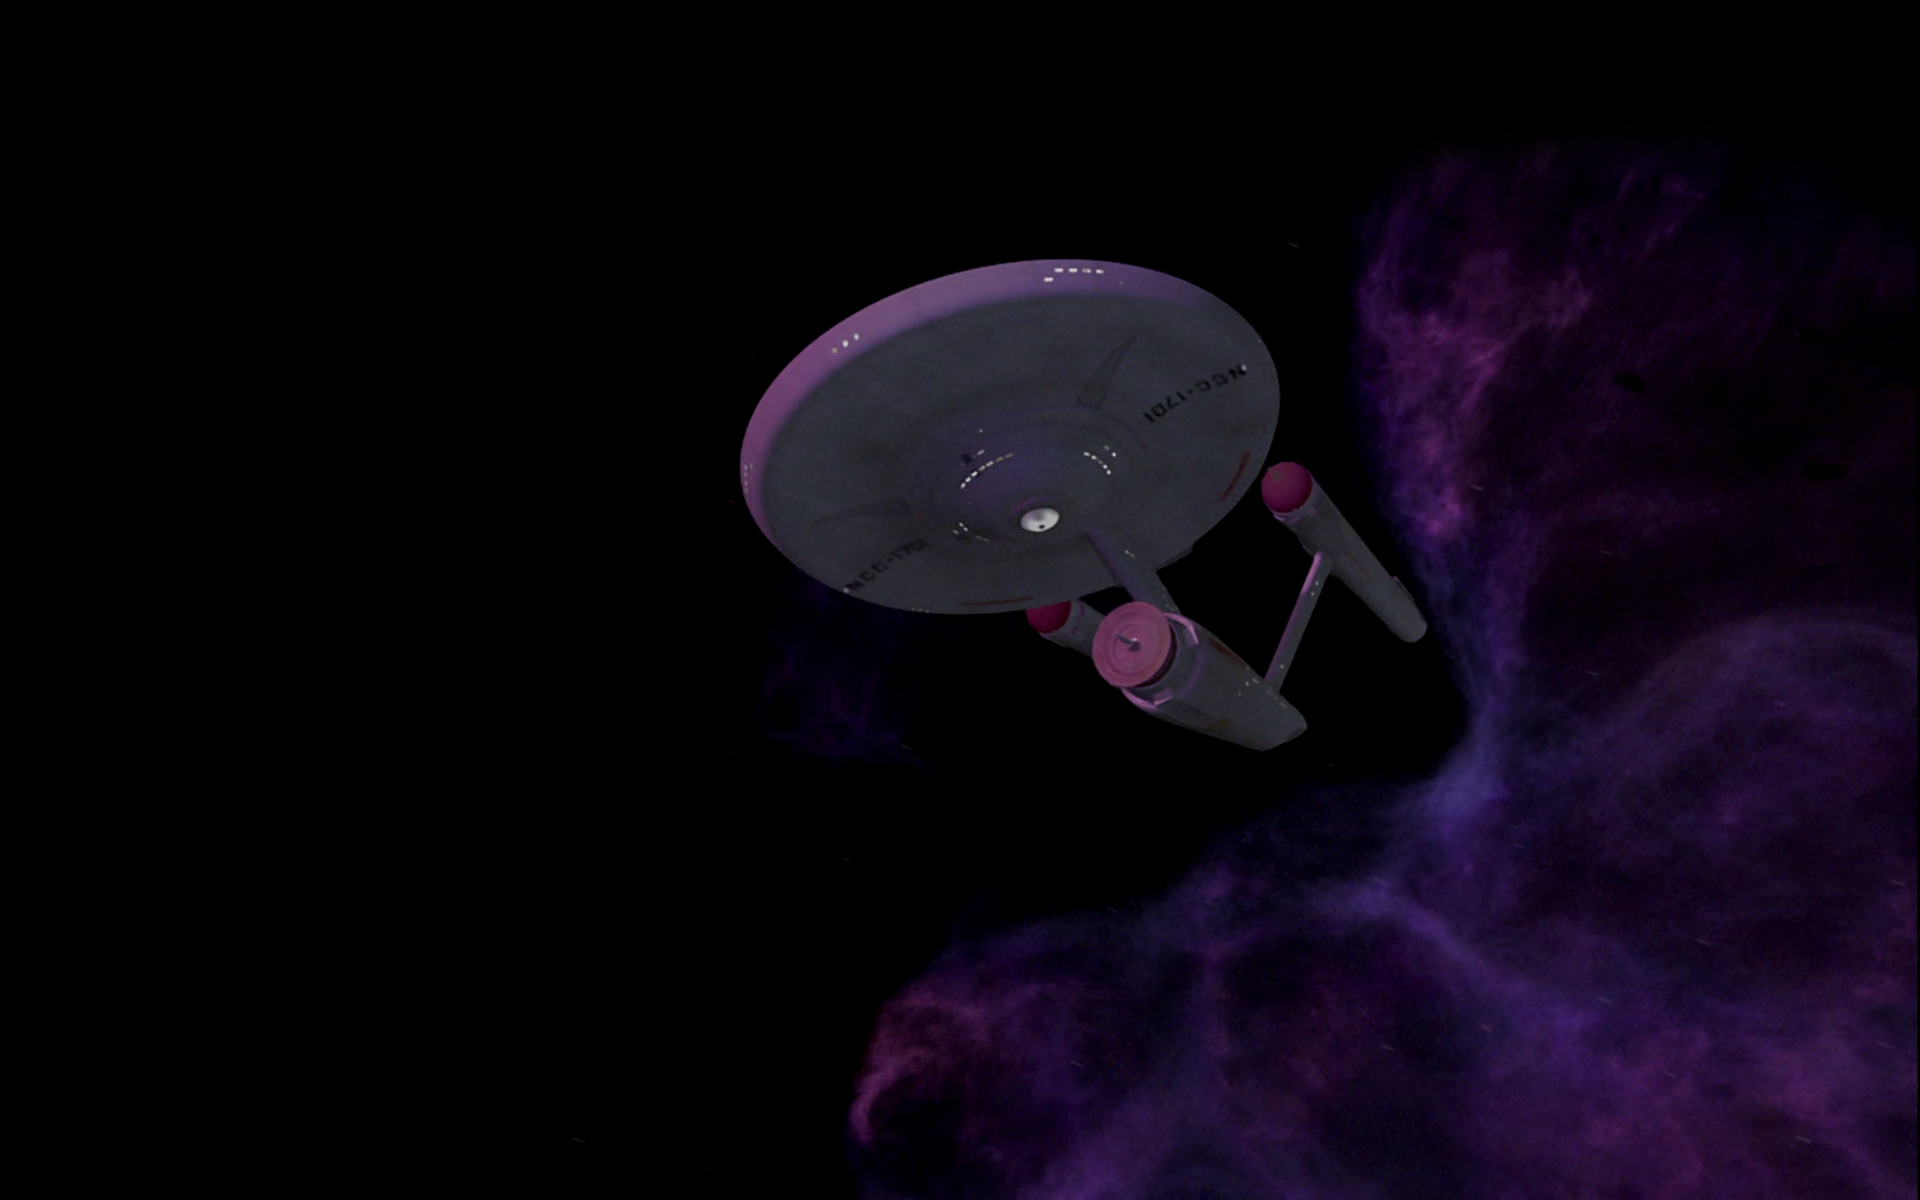 Star Trek Screensavers For Windows 10: Star Trek Original Series Wallpaper